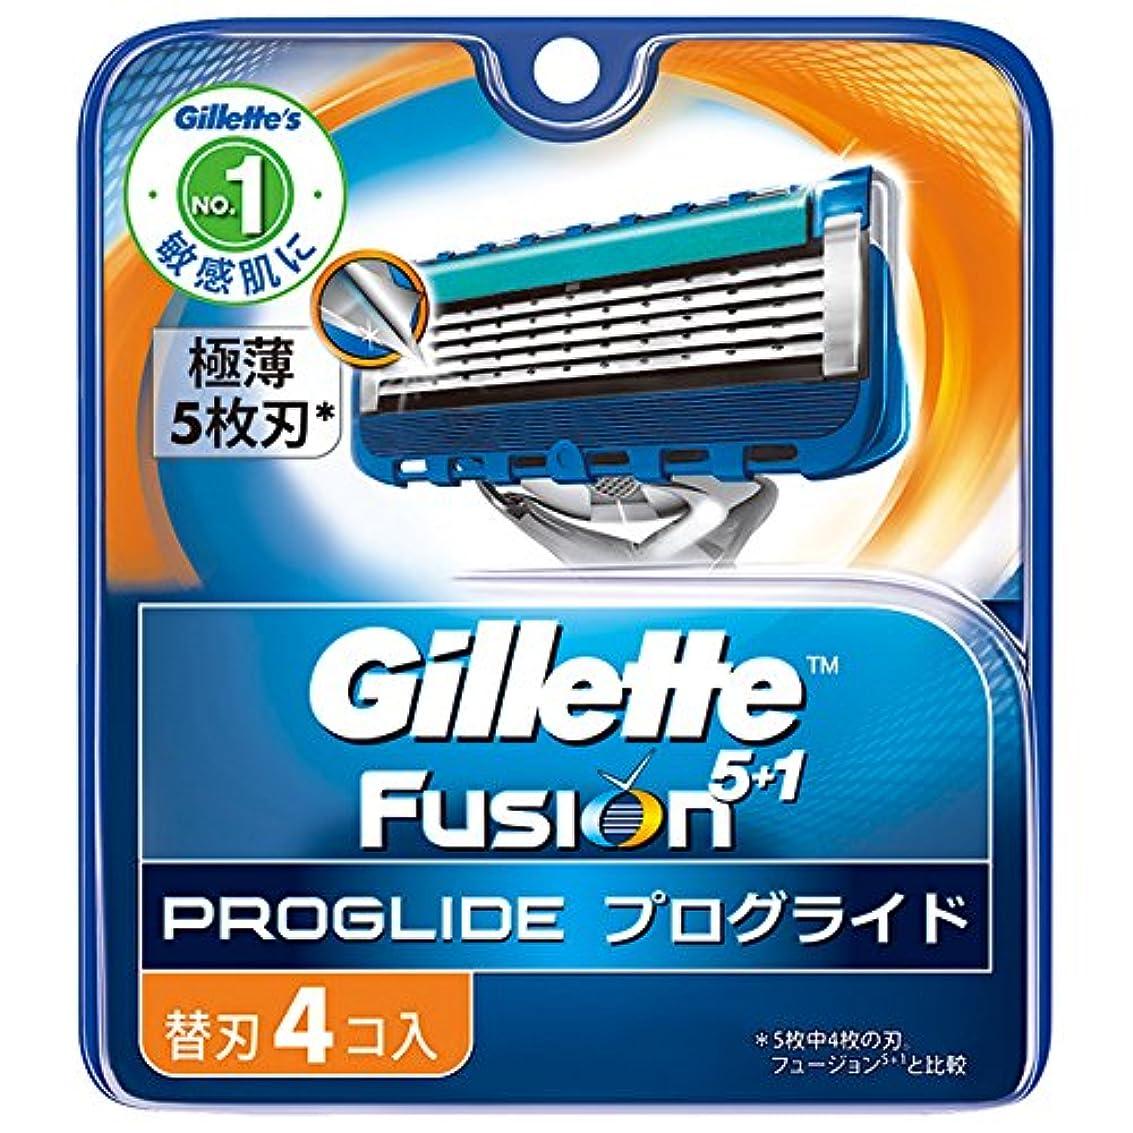 カウンタ区別するトレッドジレット 髭剃り プログライド フレックスボール マニュアル 替刃4個入